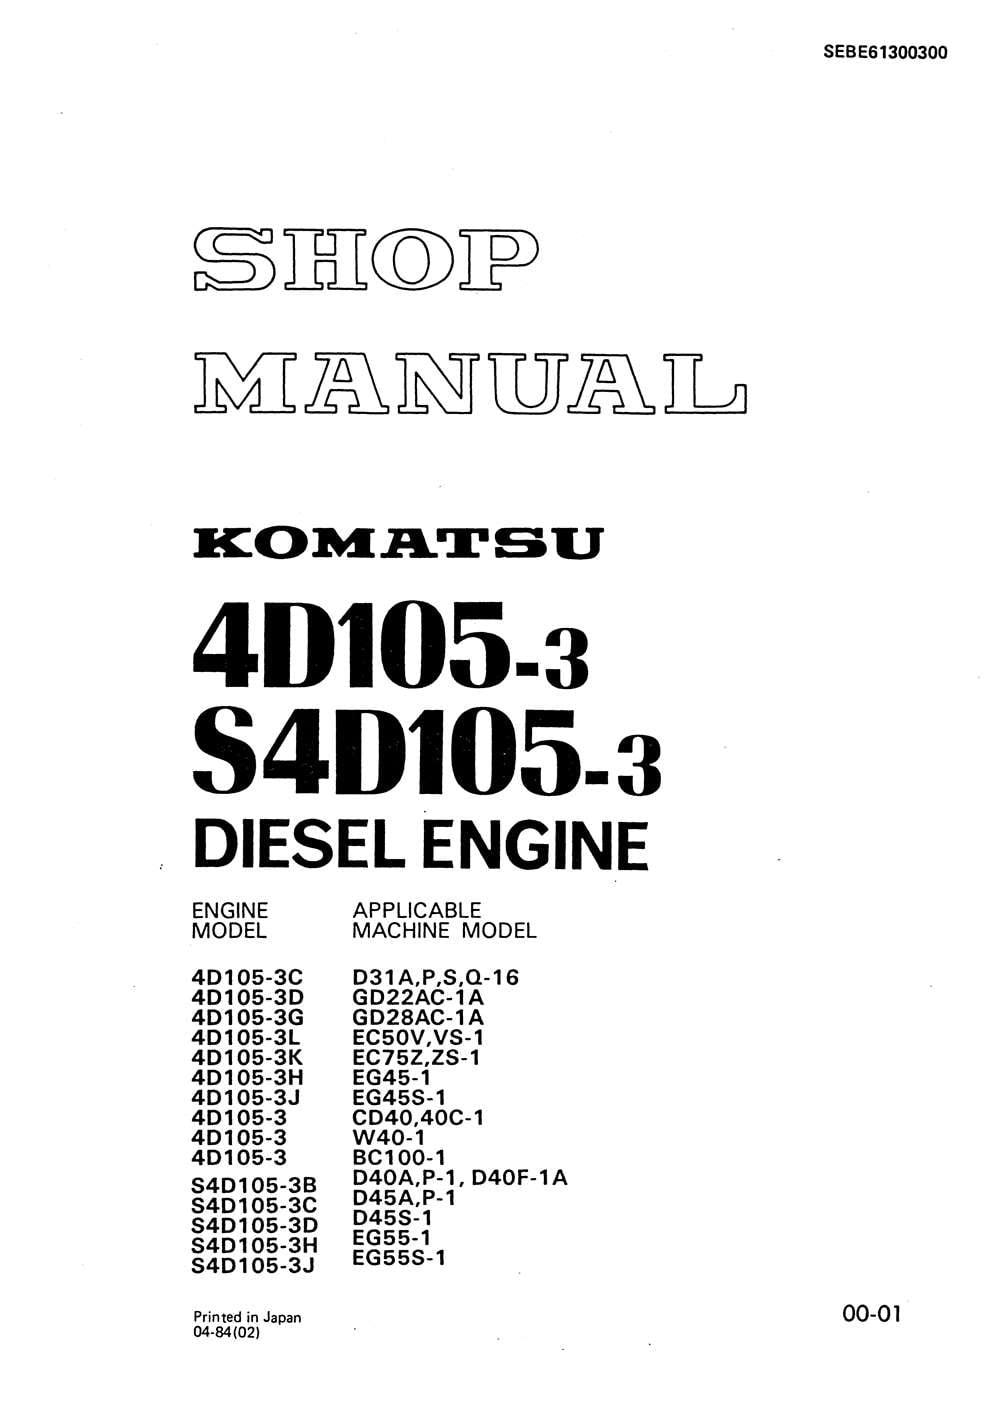 Komatsu DIESEL ENGINE 105 Series 4D105-3, S4D105-3